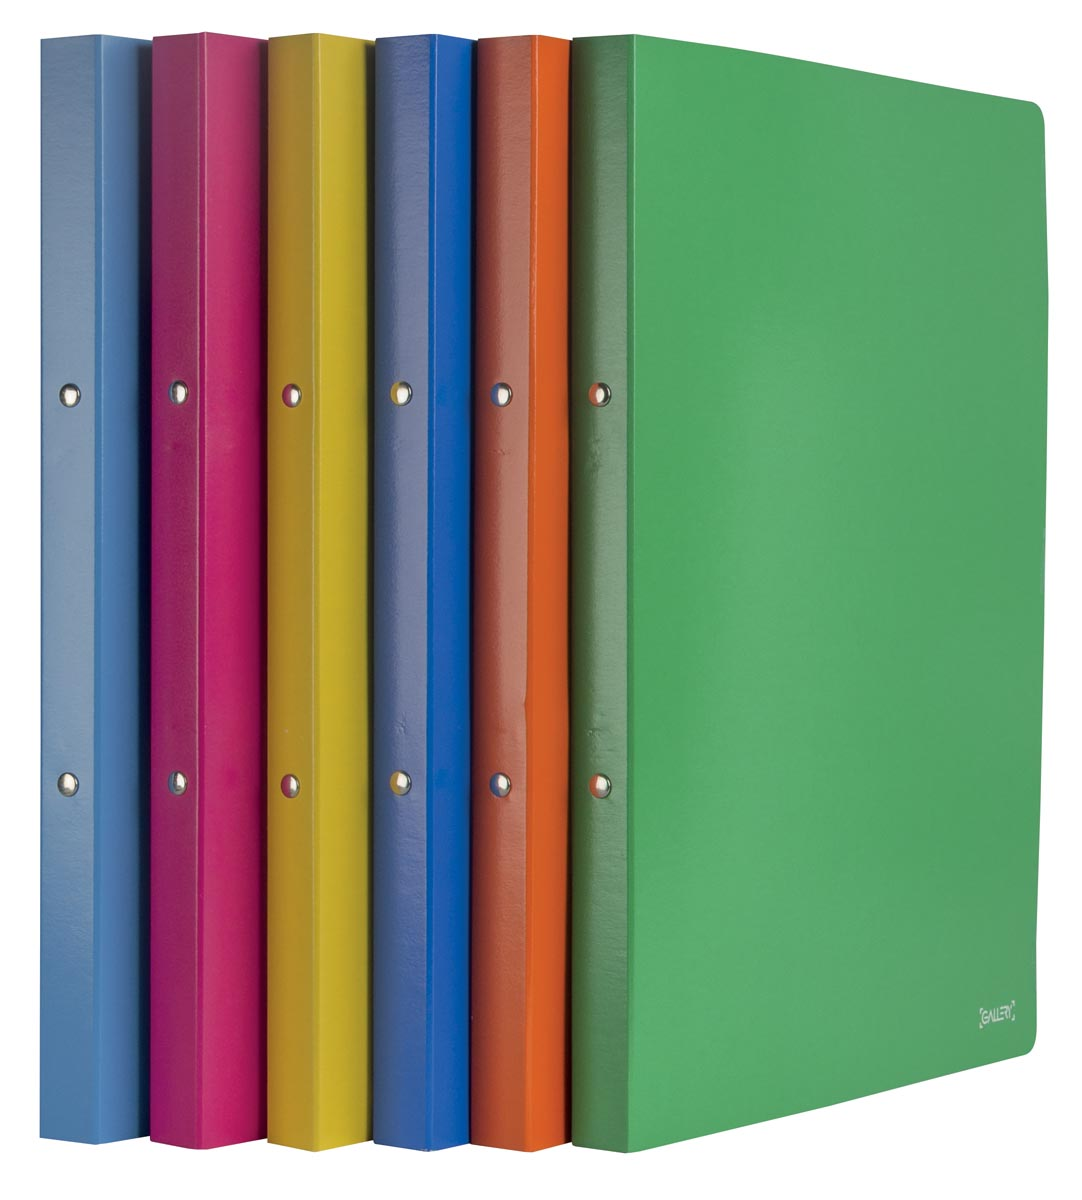 Gallery ringmap Passion For Colour, rug van 2 cm, karton, geassorteerde kleuren